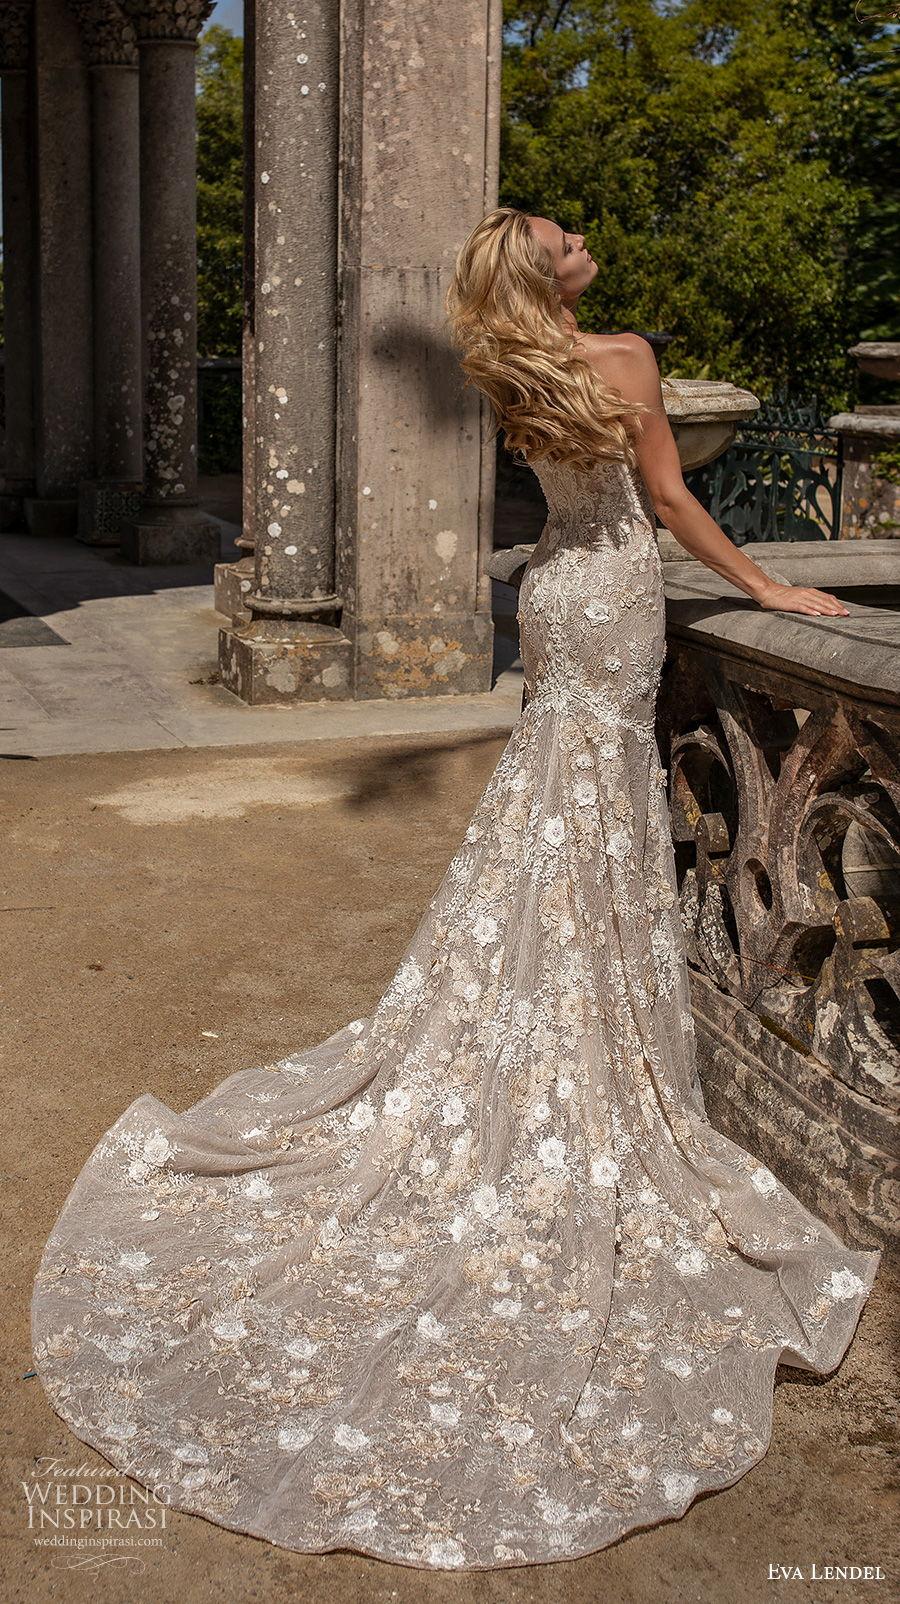 eva lendel 2020 lisbon vibes bridal strapless sweetheart neckline full embellishment elegant fit and flare wedding dress mid back chapel train (9) bv